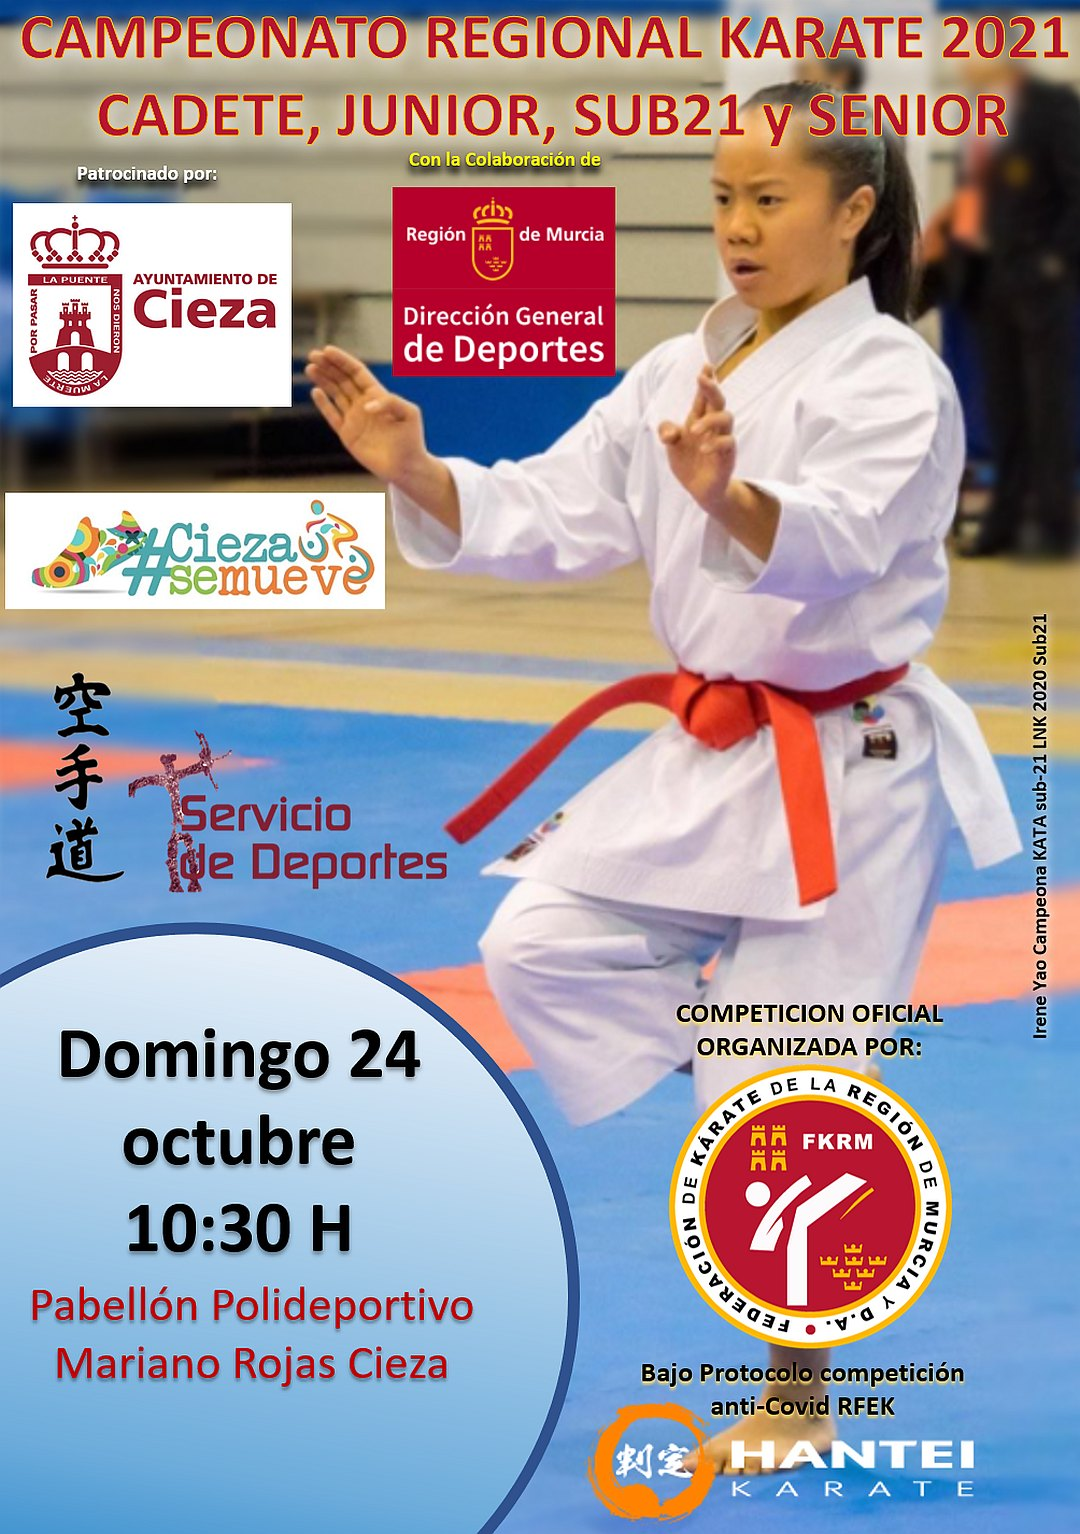 Campeonato de Murcia Cad-Jun-Sub21-Sen 2021